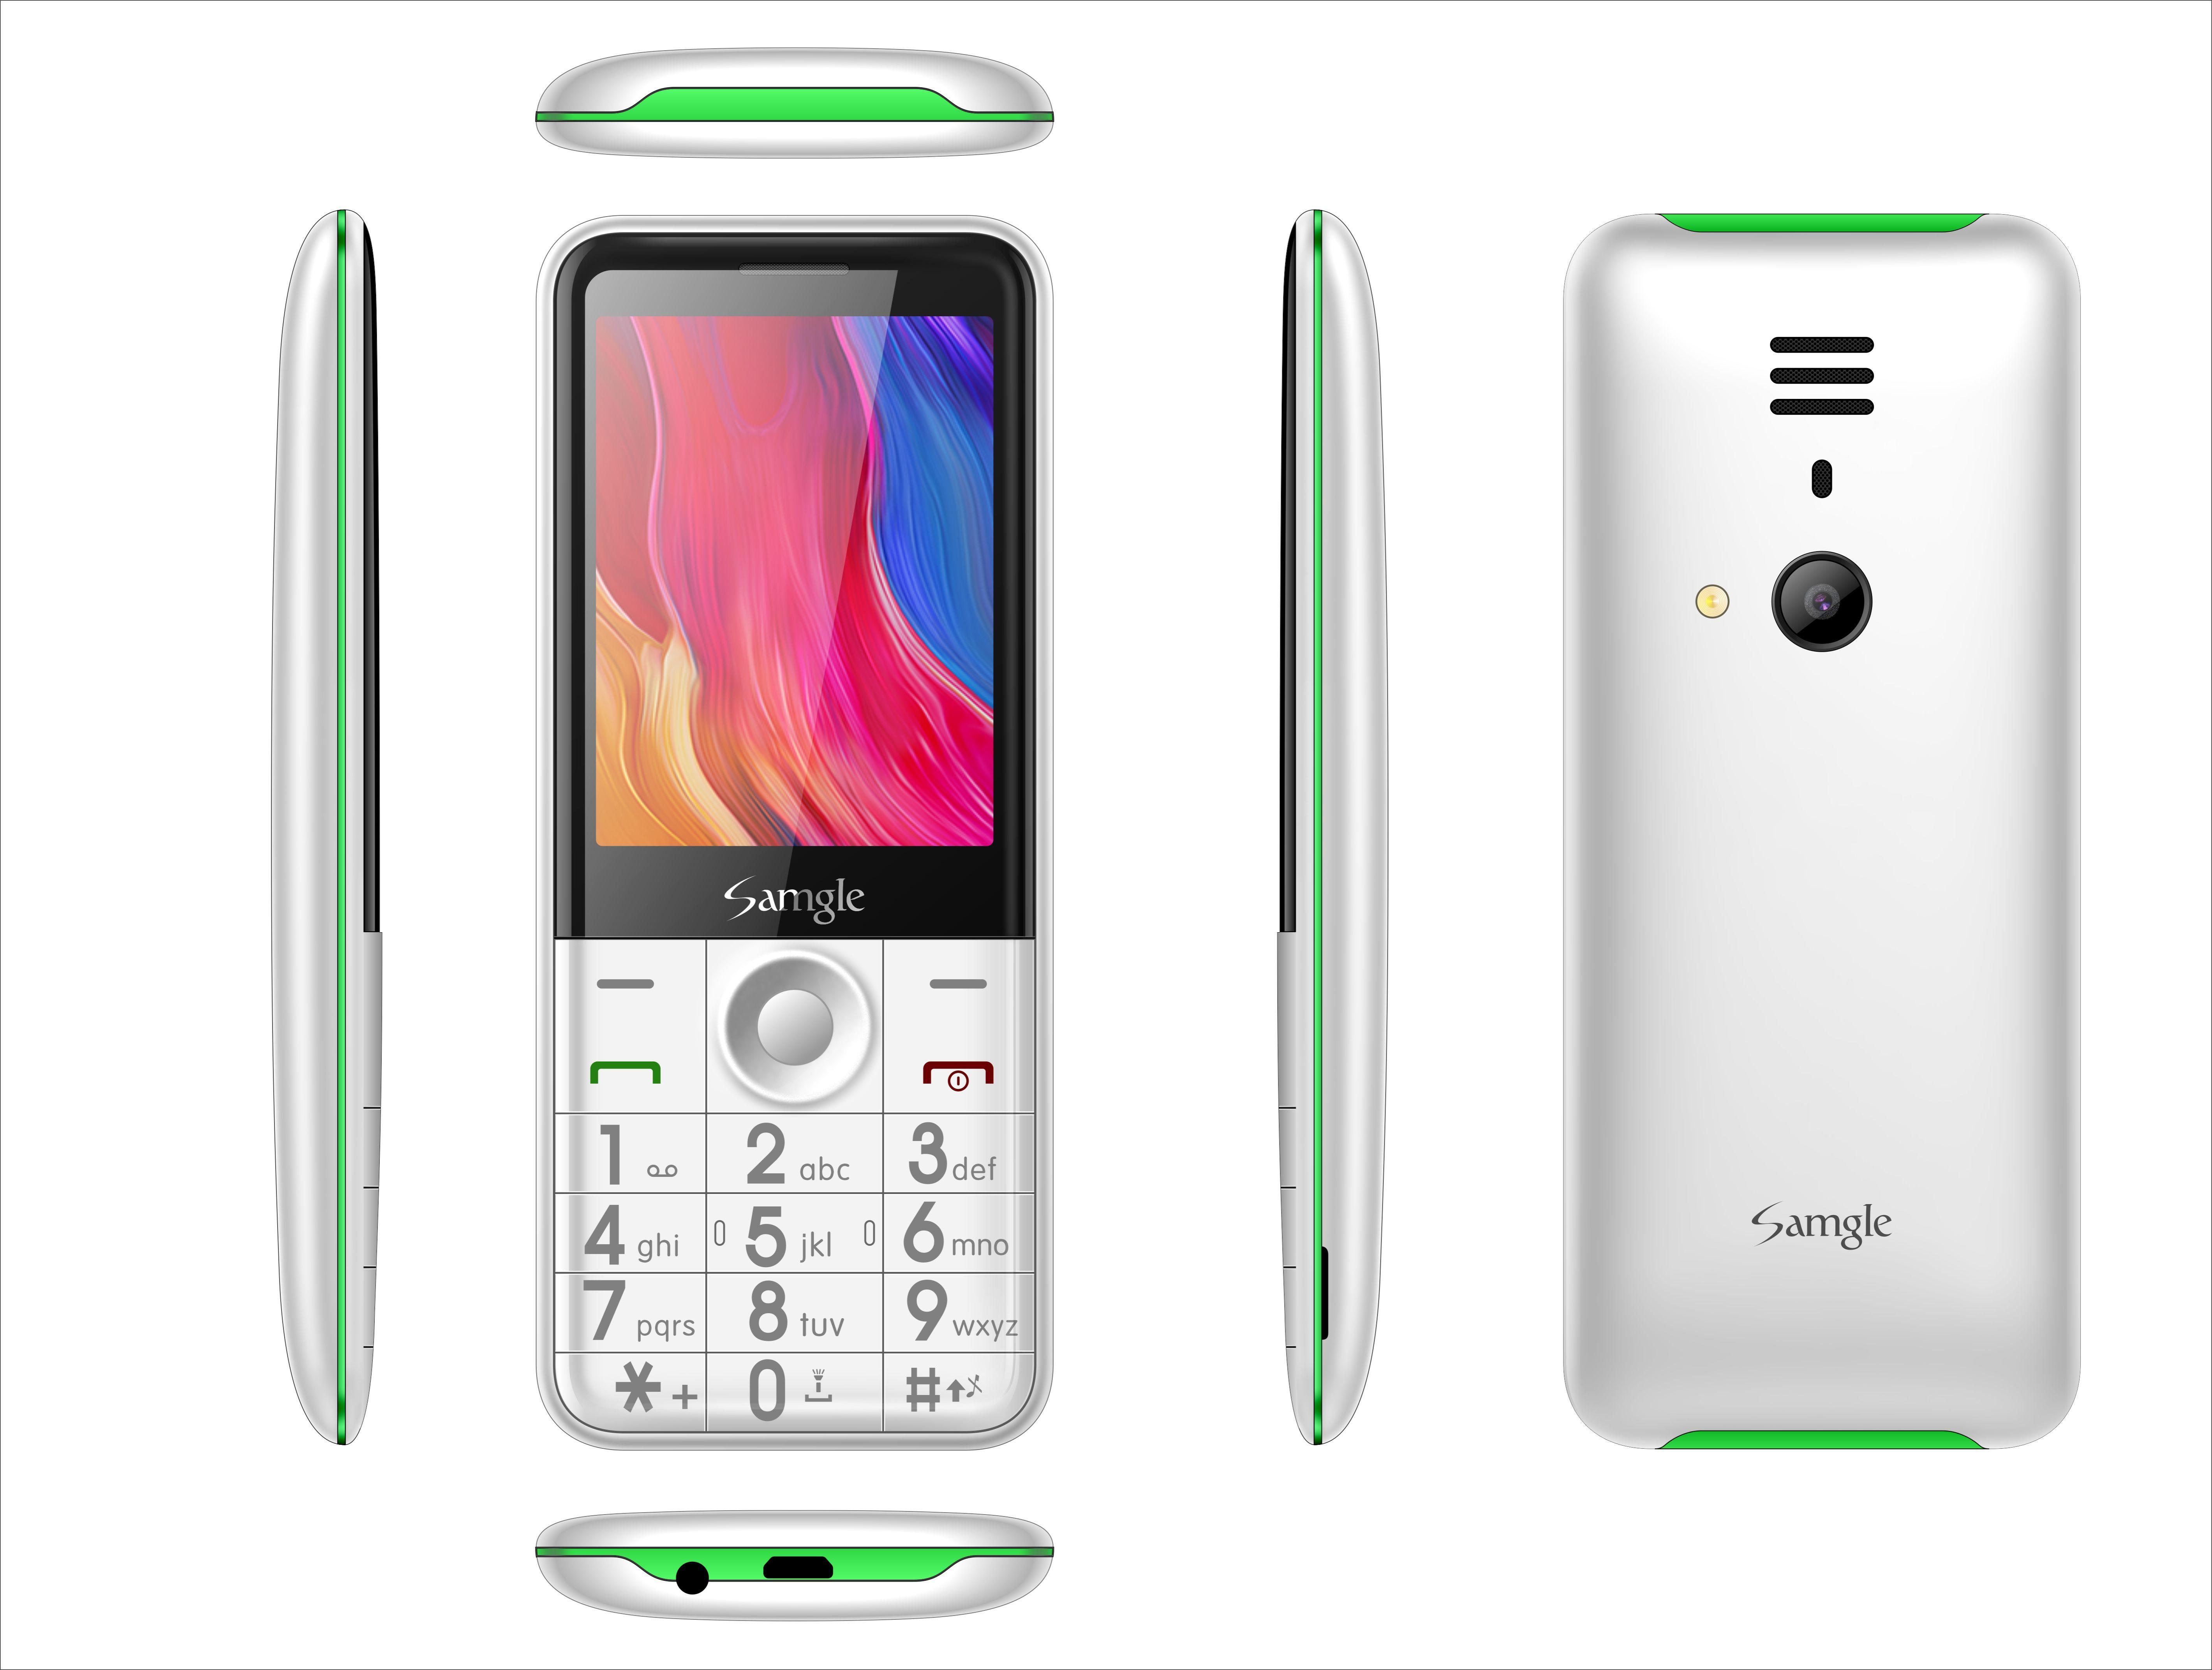 Telefon mobil Samgle Flash 3G, Ecran 2.8 inch, Bluetooth, Digi 3G, Camera, Slot Card, Radio FM, Internet, DualSim 3